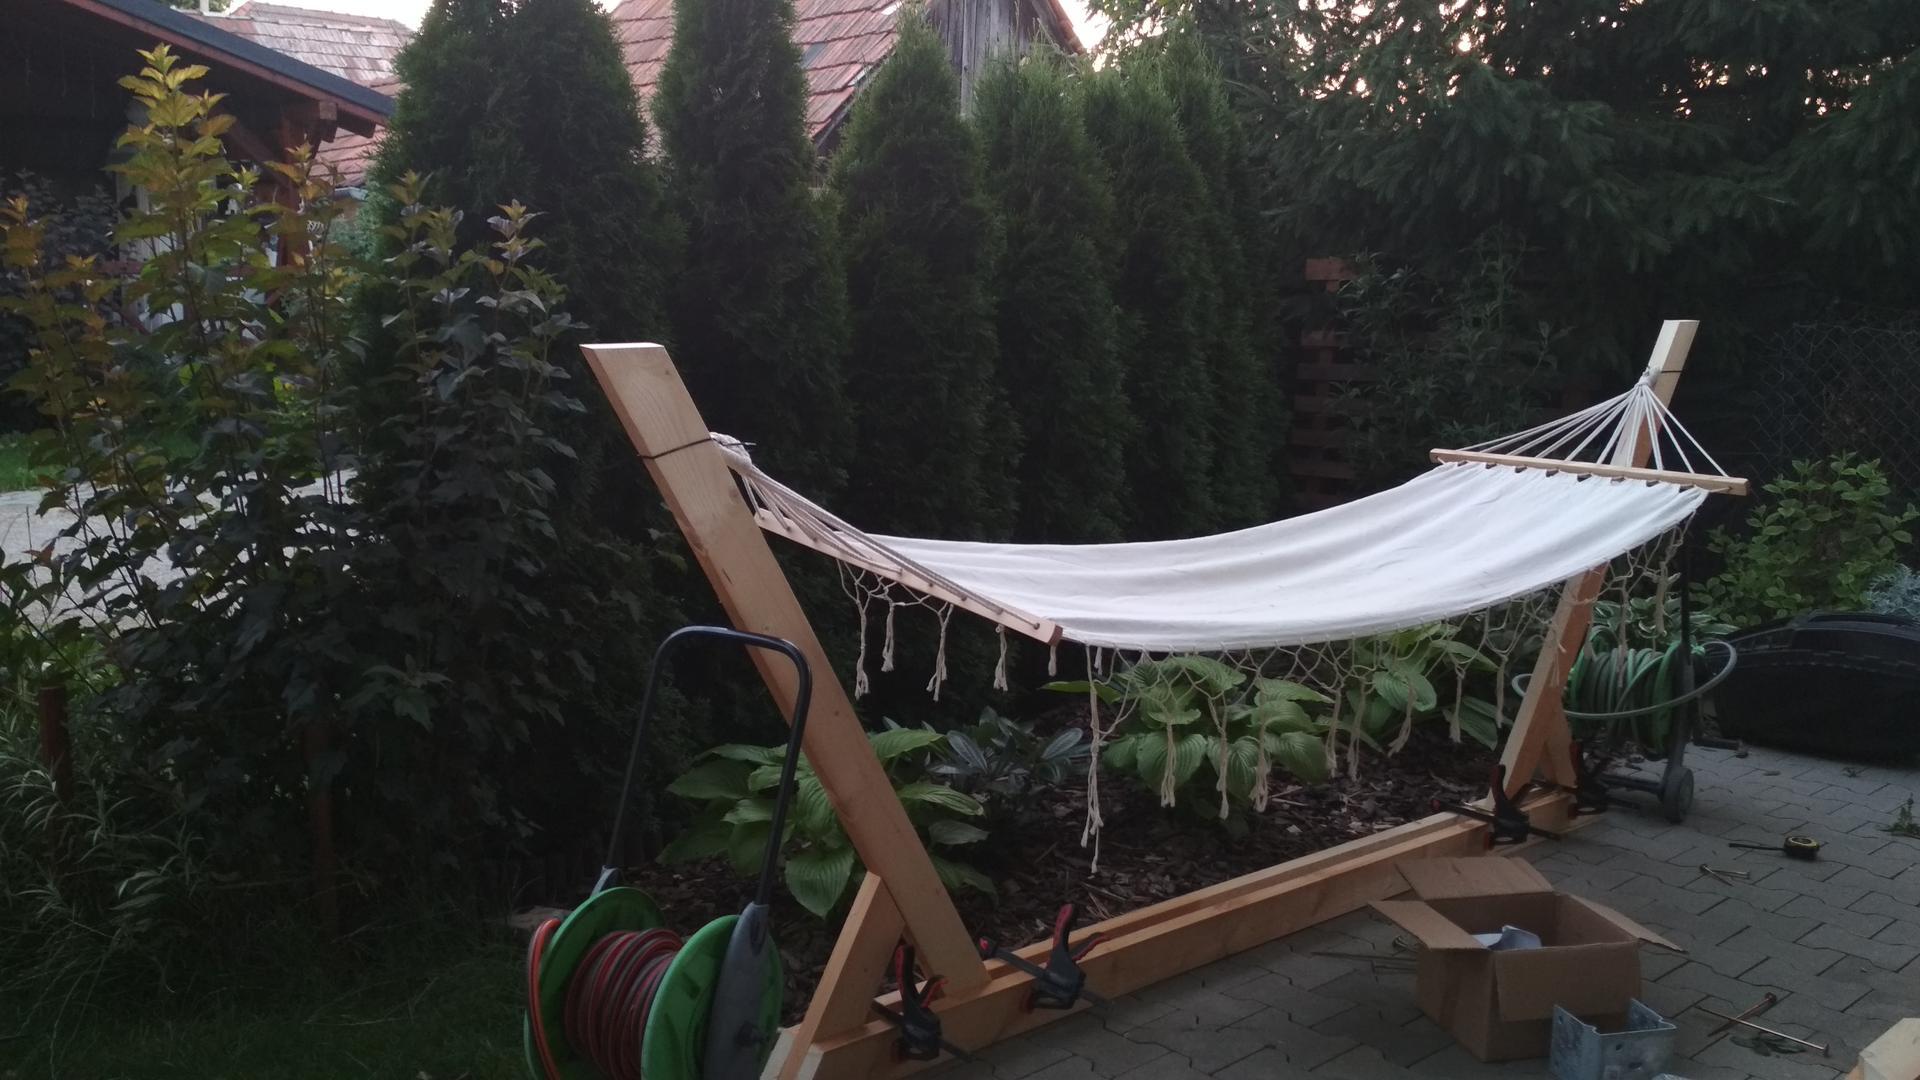 Drevený stojan na hojdaciu sieť... relax v záhrade - Obrázok č. 8